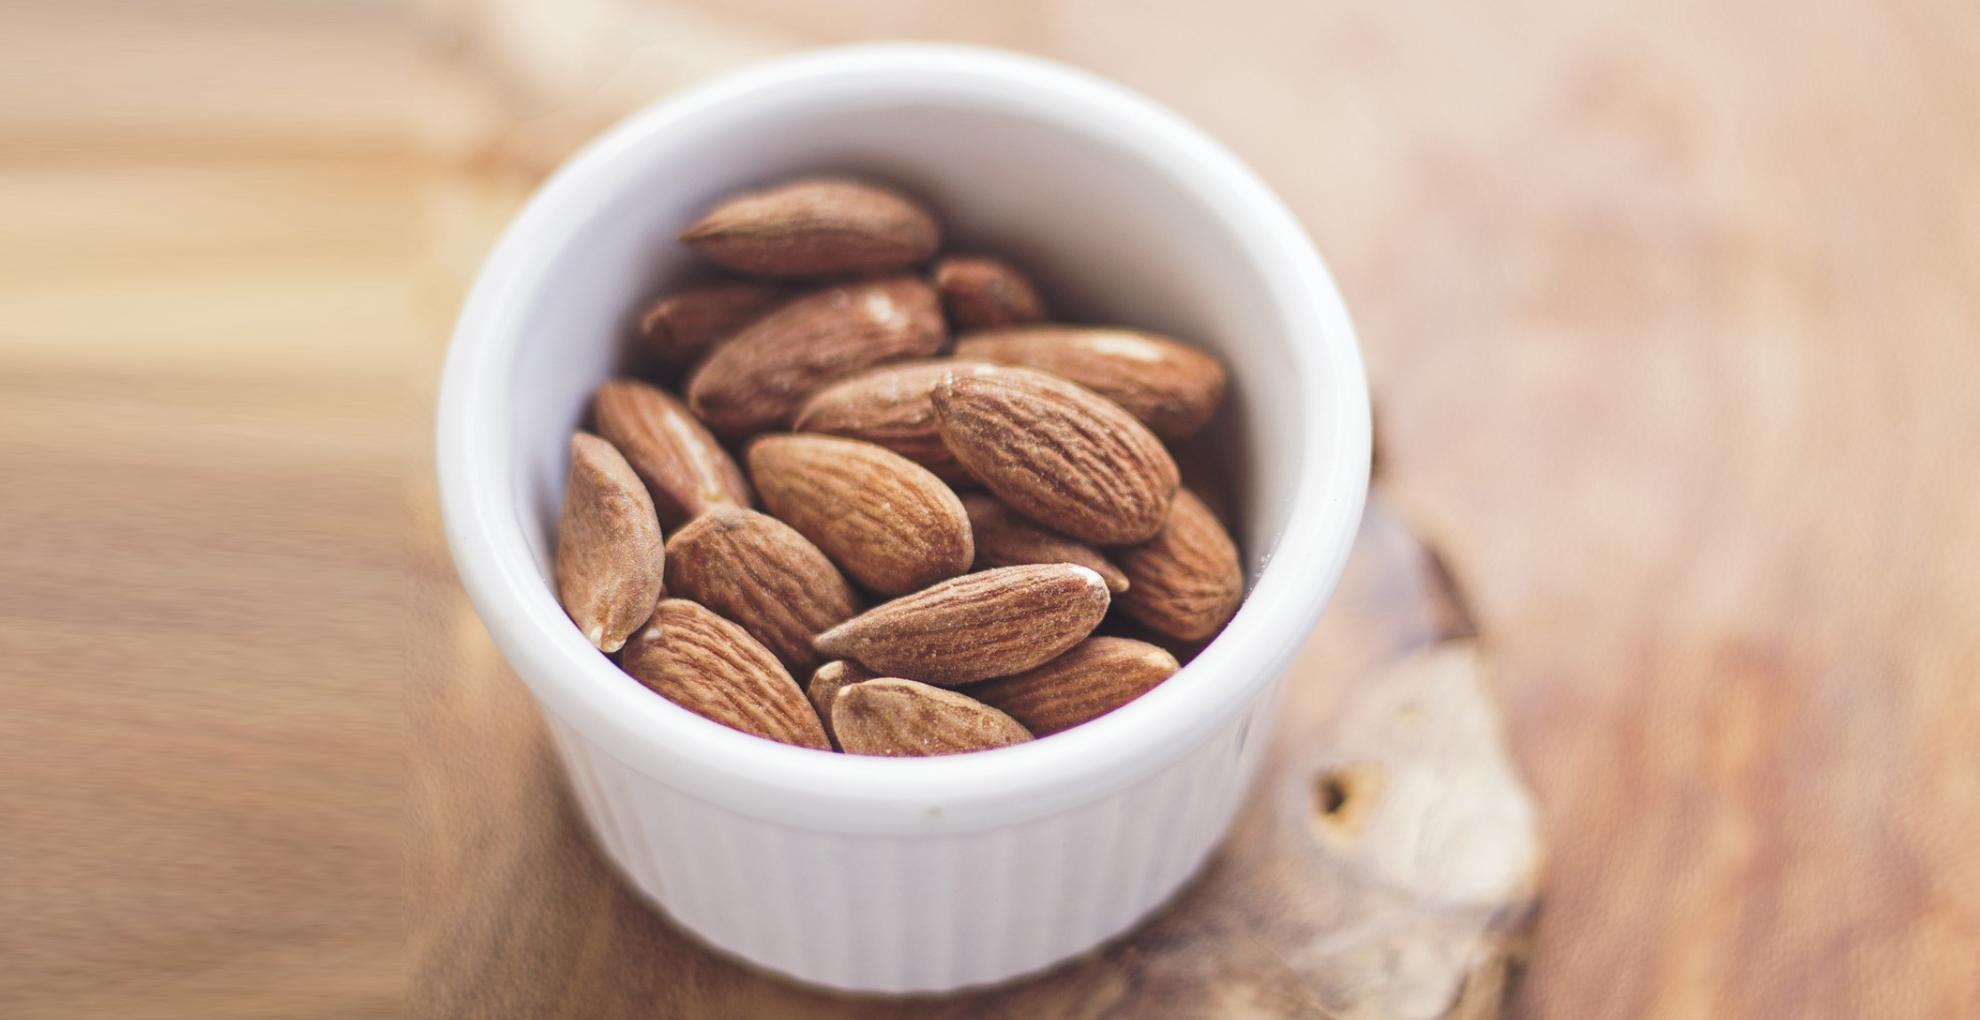 Almond Health Benefits: वजन कम करने के साथ ही कैंसर जैसी गंभीर बीमारियों से बचाता है बादाम, जानिए इसके 7 फायदे